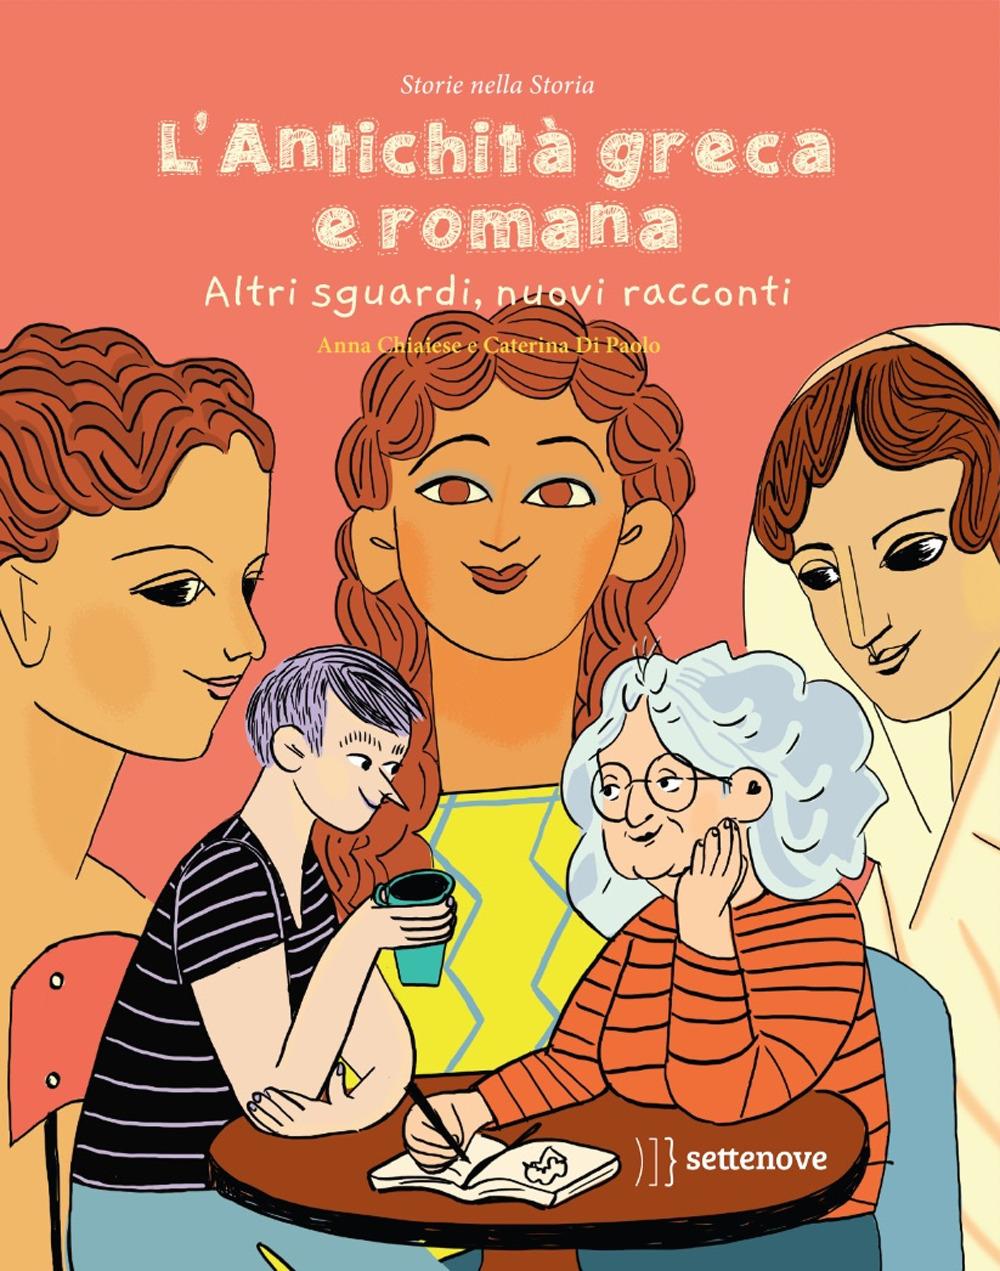 L'antichità greca e romana. Altri sguardi, nuovi racconti. Ediz. a colori